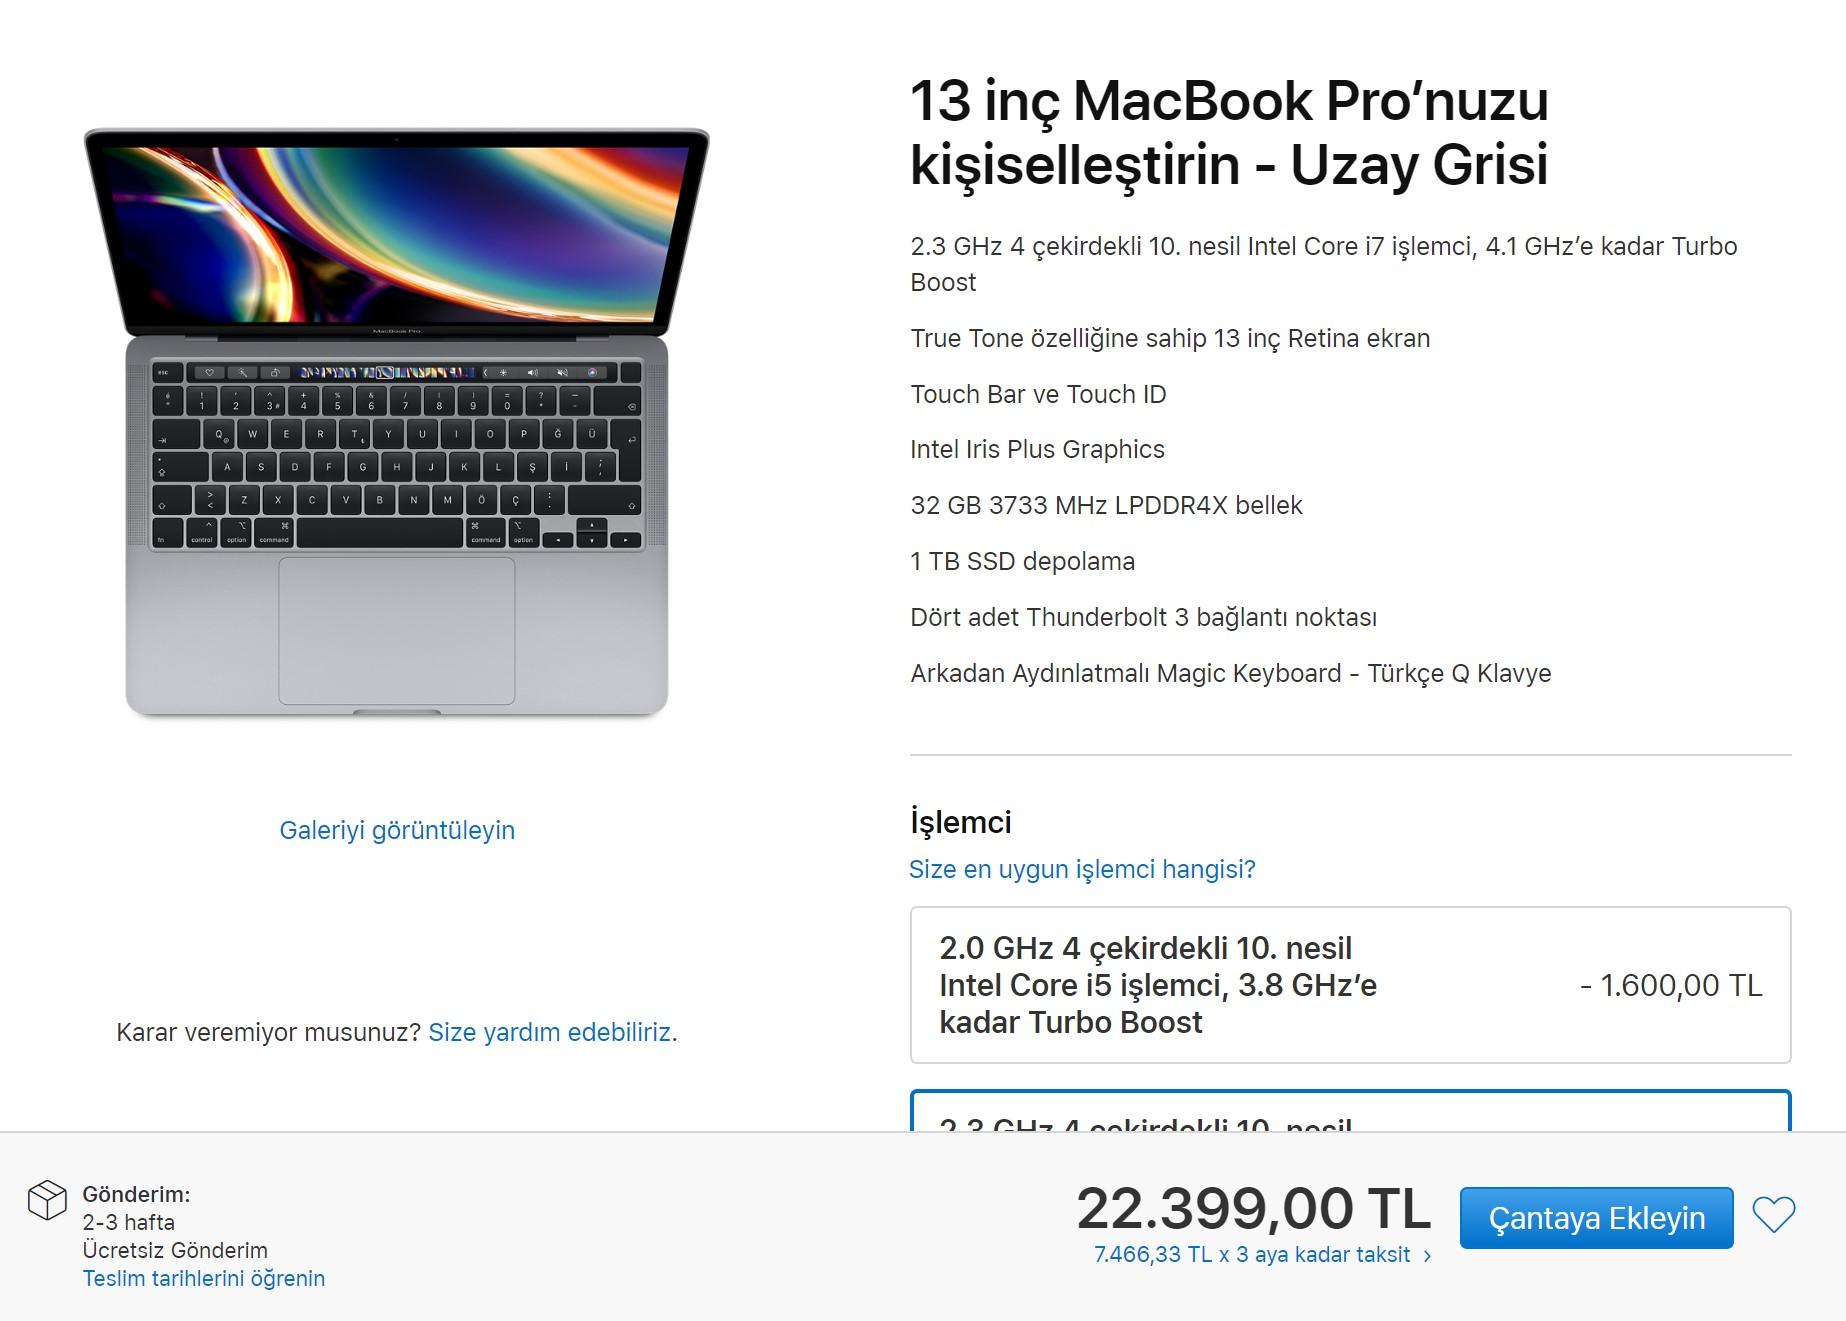 Yeni 13 inç Macbook Pro 2020 özellikleri